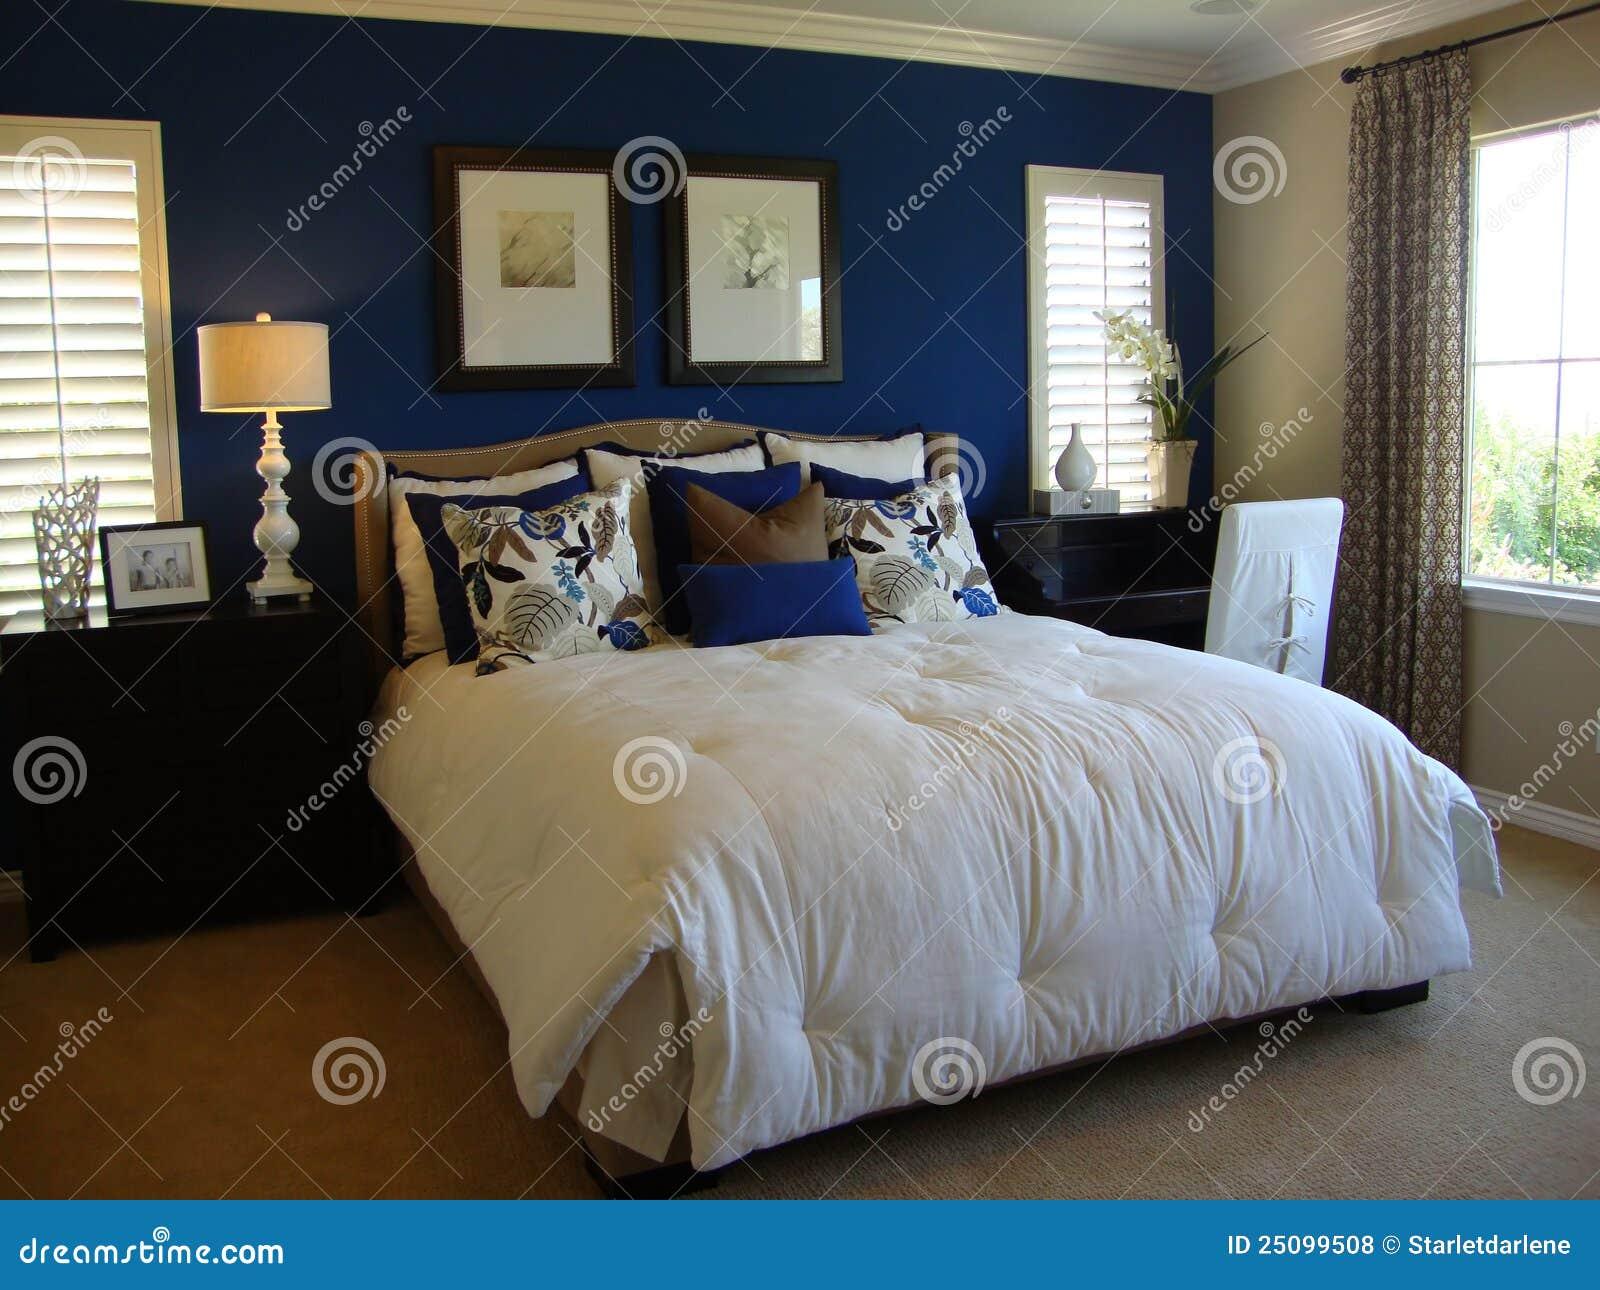 mooie slaapkamers voorbeelden with mooie slaapkamers voorbeelden